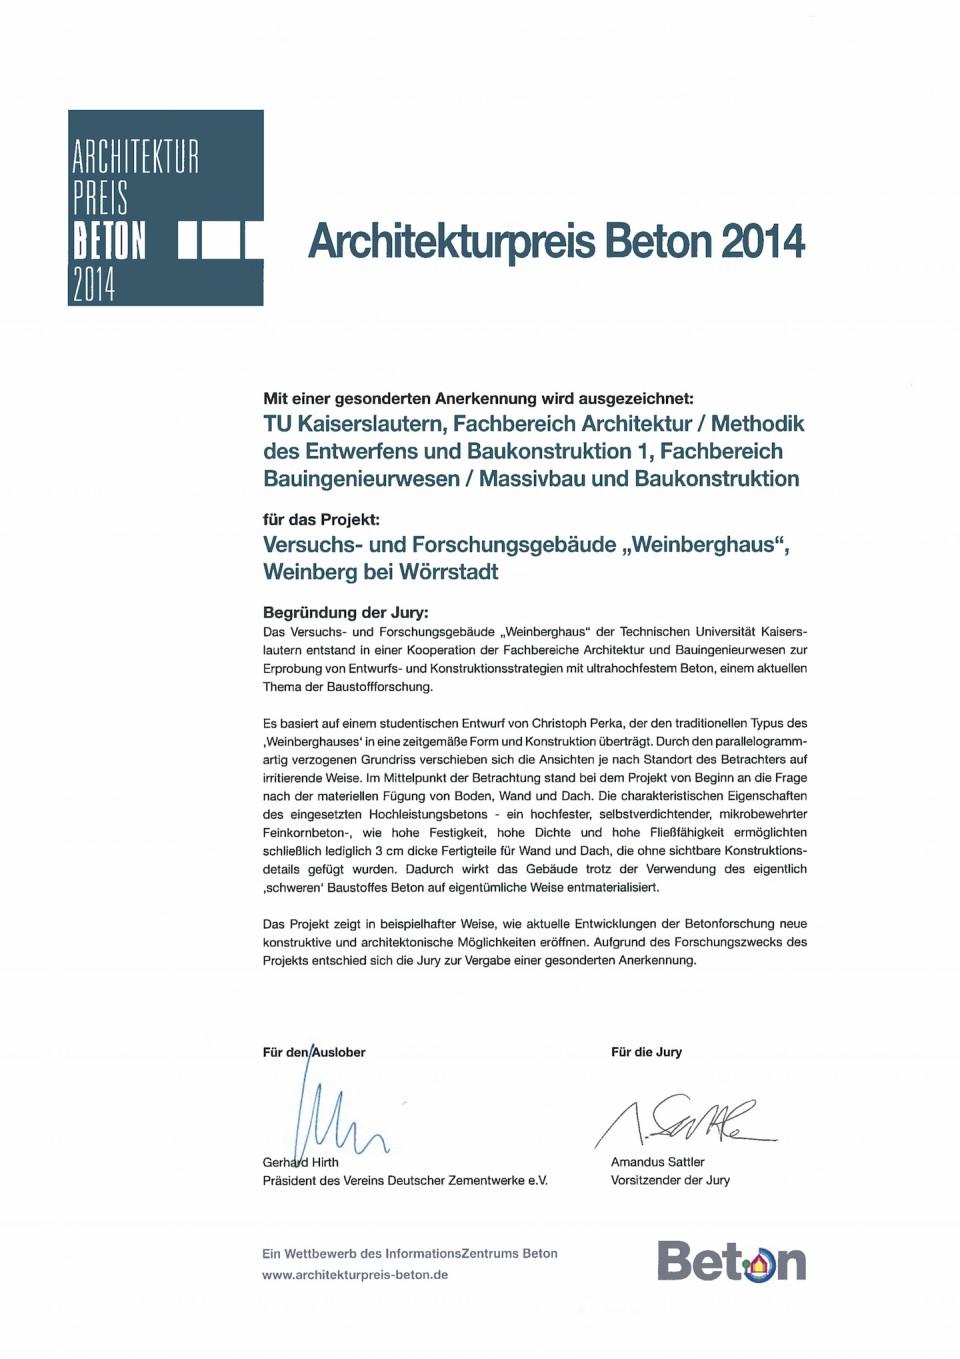 Architekturpreis Beton für das Weinberghaus